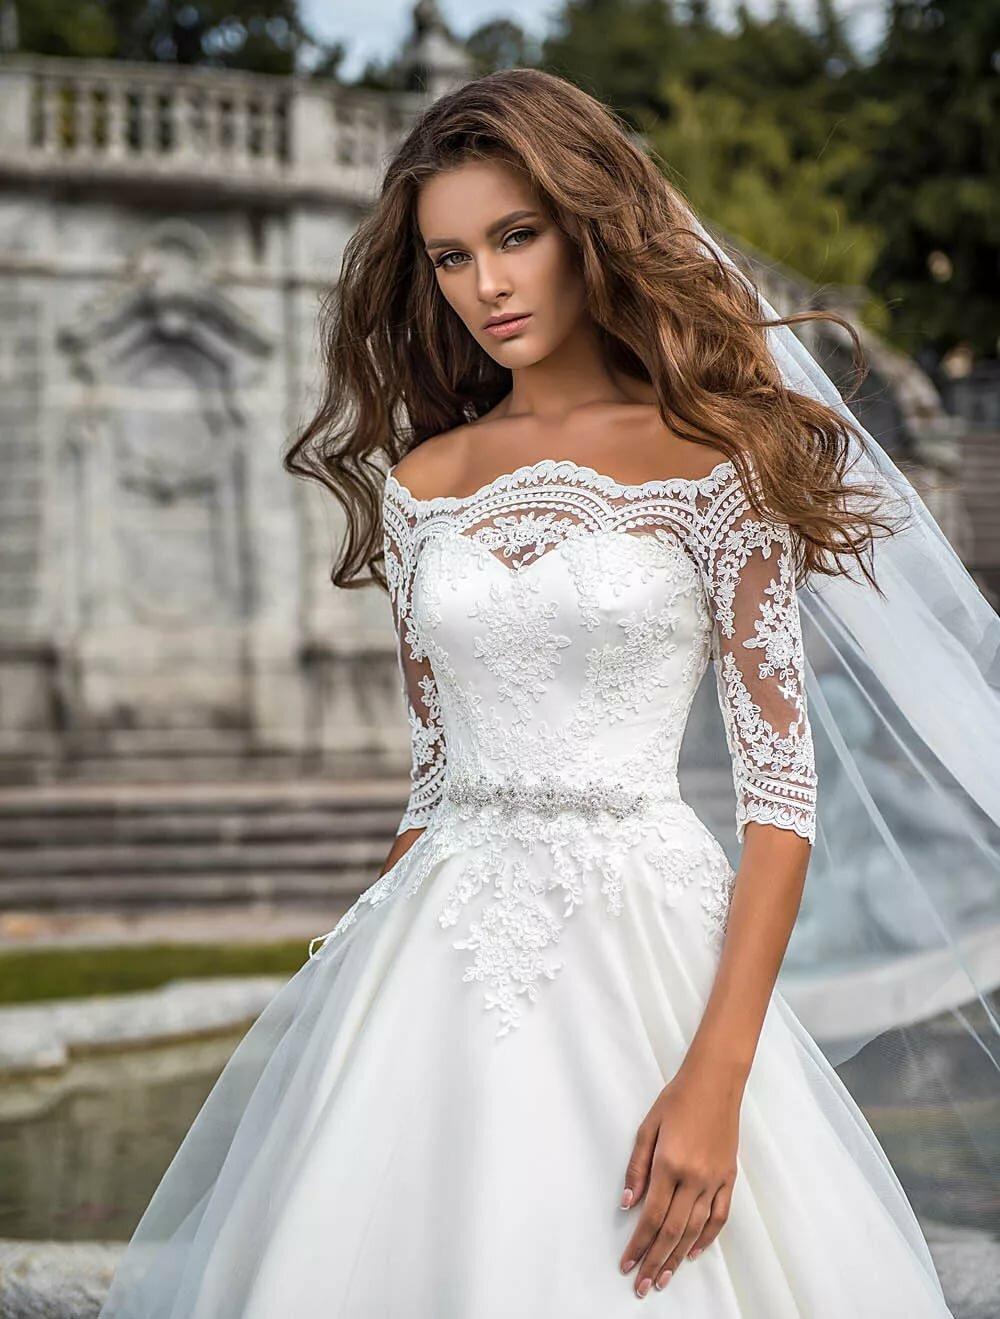 плохо фото со свадебными платьями образом, бабочка